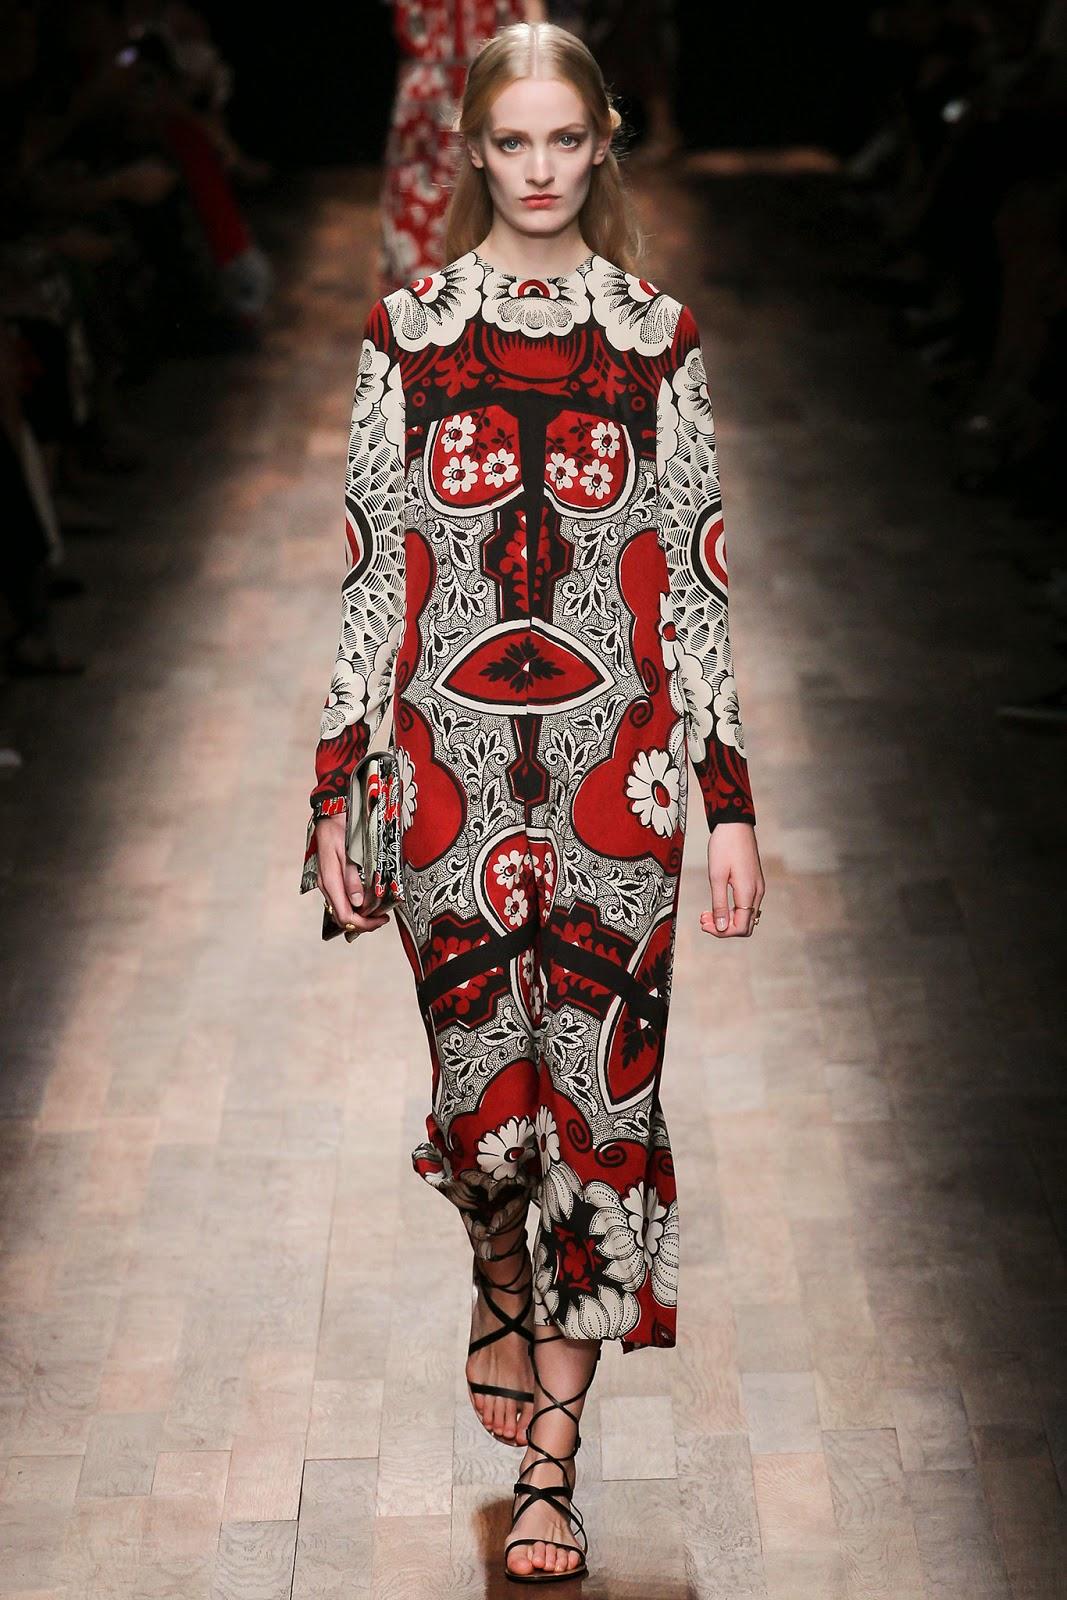 valentino 2015 summer 2016 trend women dress23 Valentino 2015 samling, våren sommaren 2016 Valentino klänning modeller, Valentino kväll klänning nya säsongen kvinnors kjolar modeller